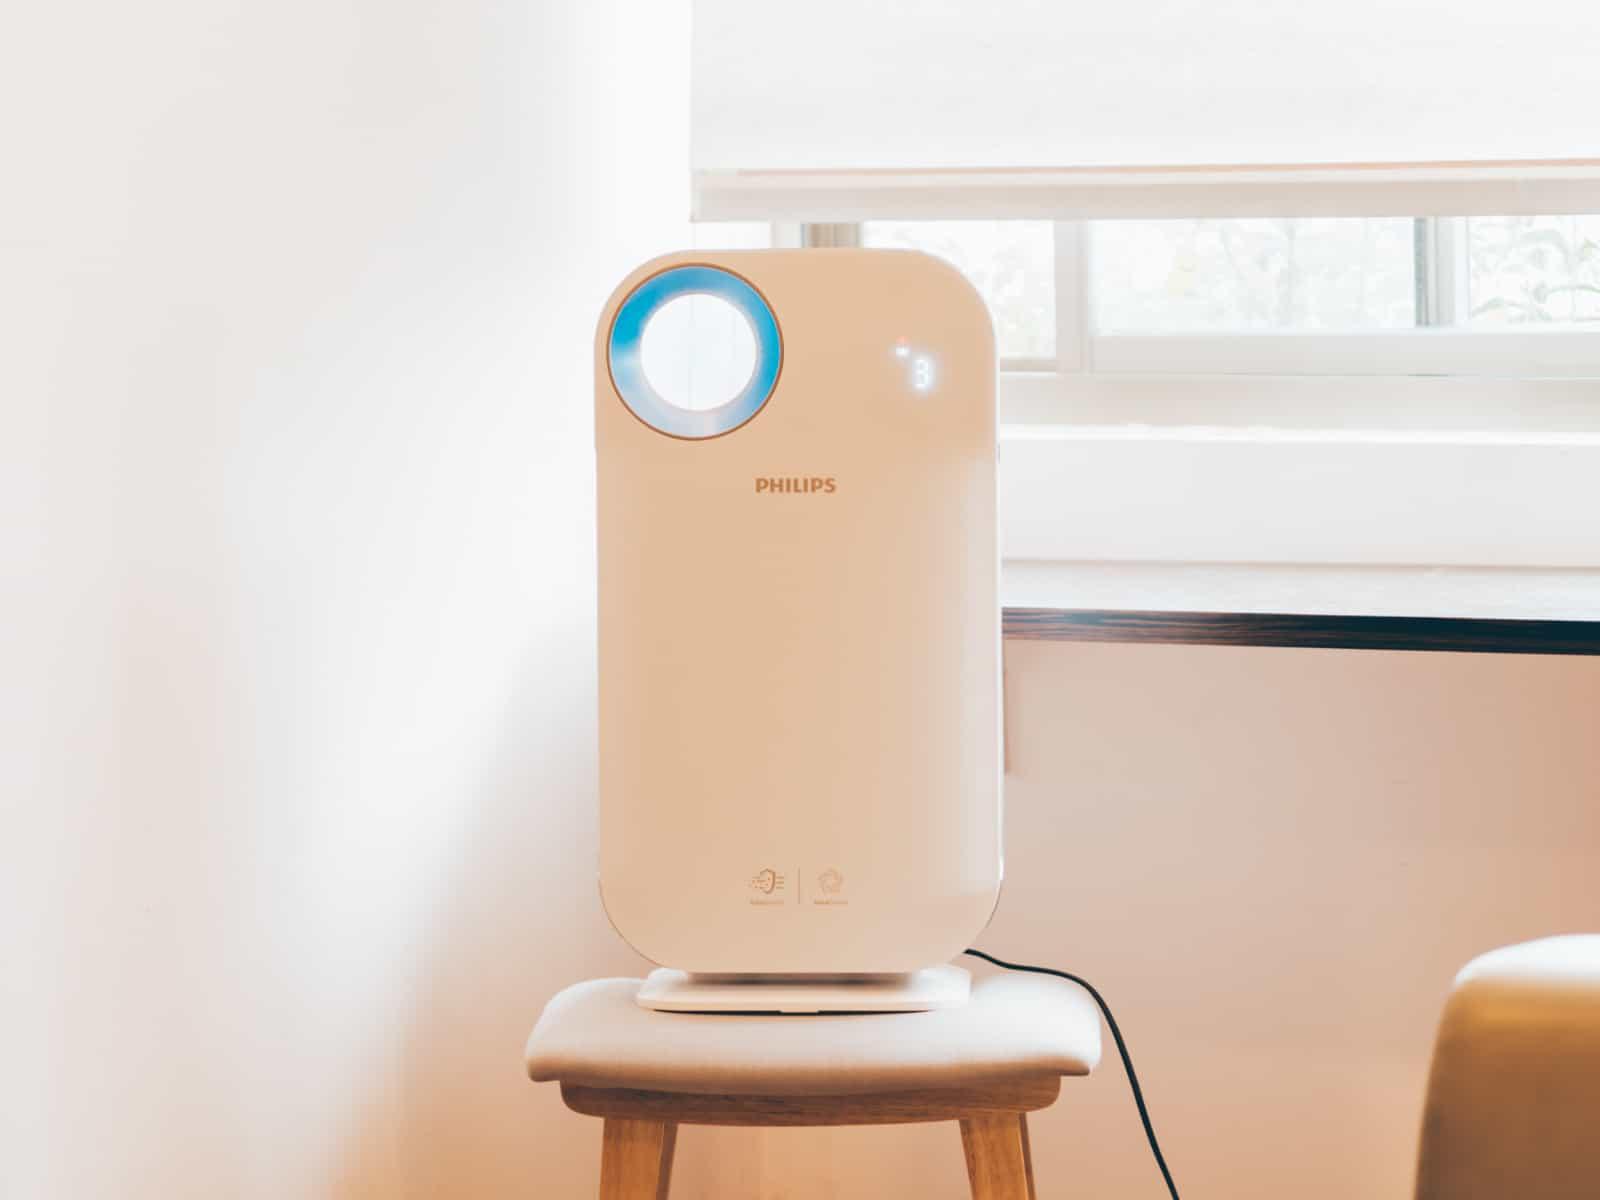 Máy lọc không khí trong nhà kháng khuẩn Philips AC4558/00 tích hợp Wifi, cảm biến chất lượng không khí 4 màu 49